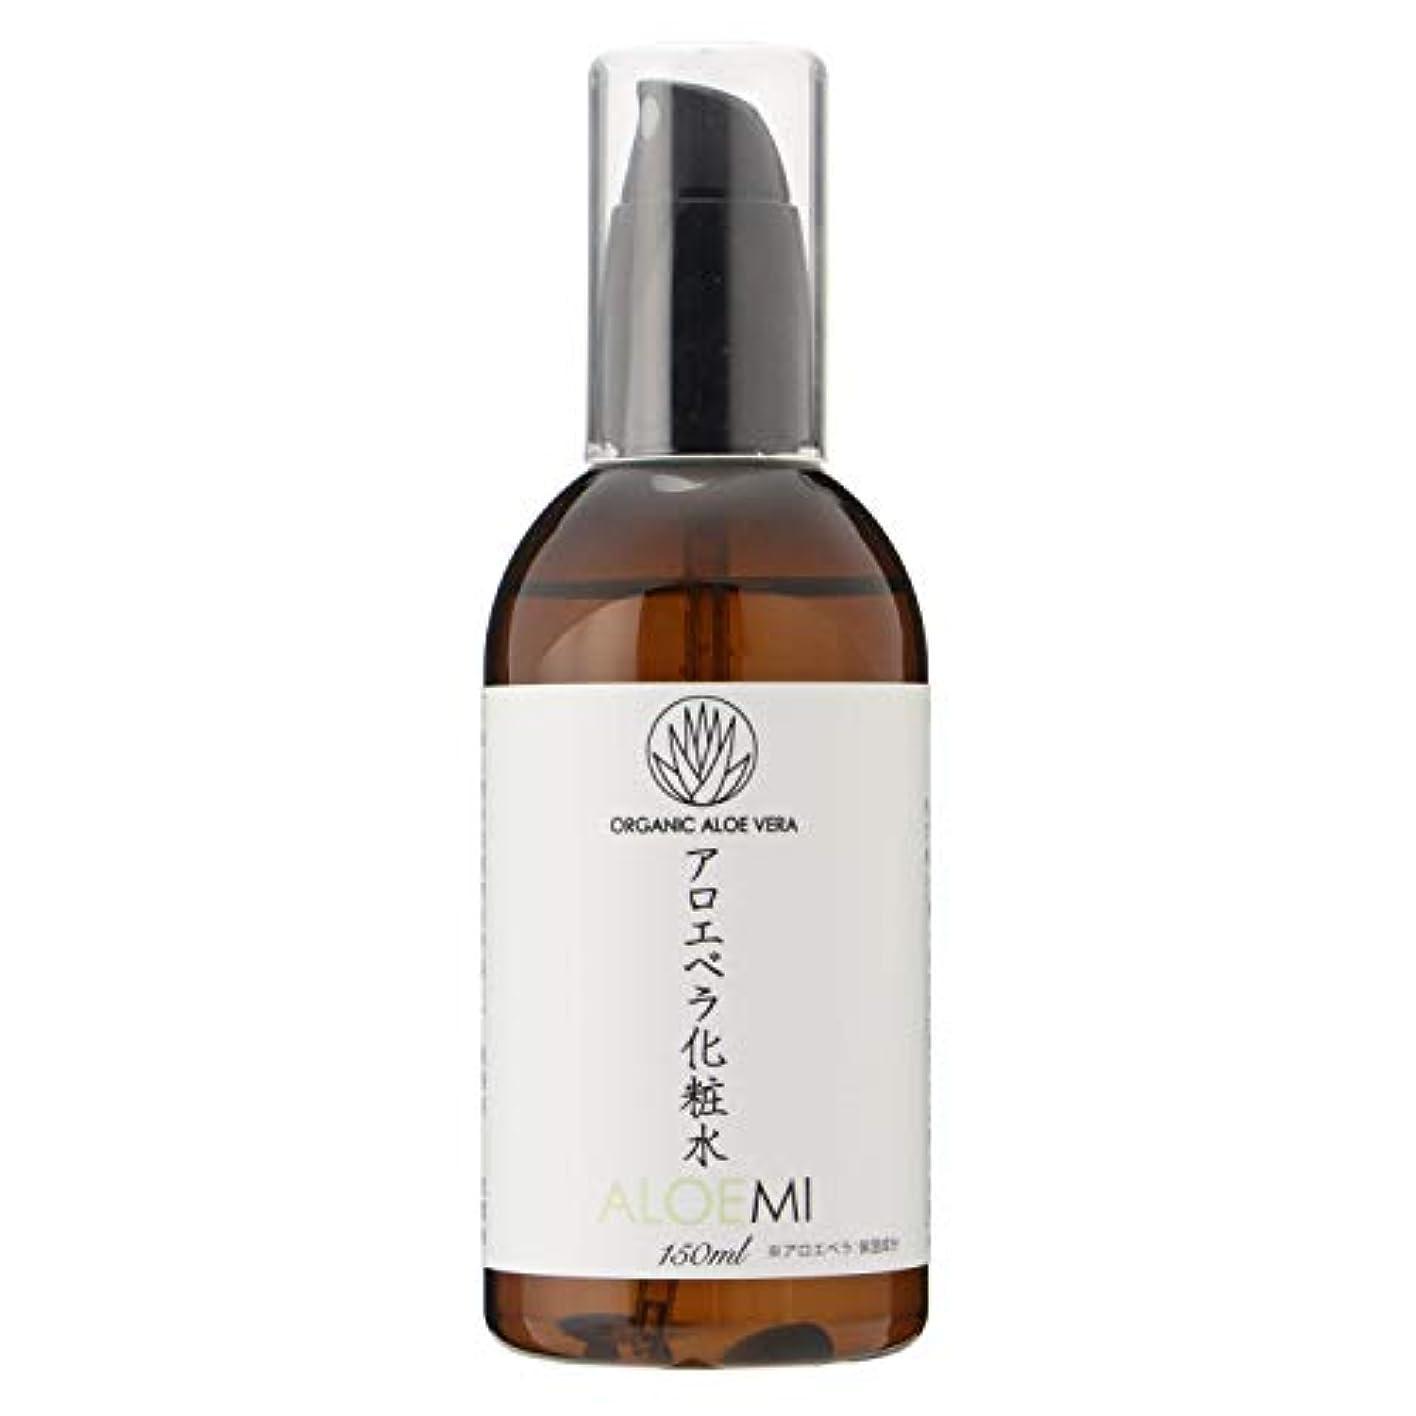 ホイップ樫の木ではごきげんようALOEMI(アロエベラ化粧水)150ml ローション